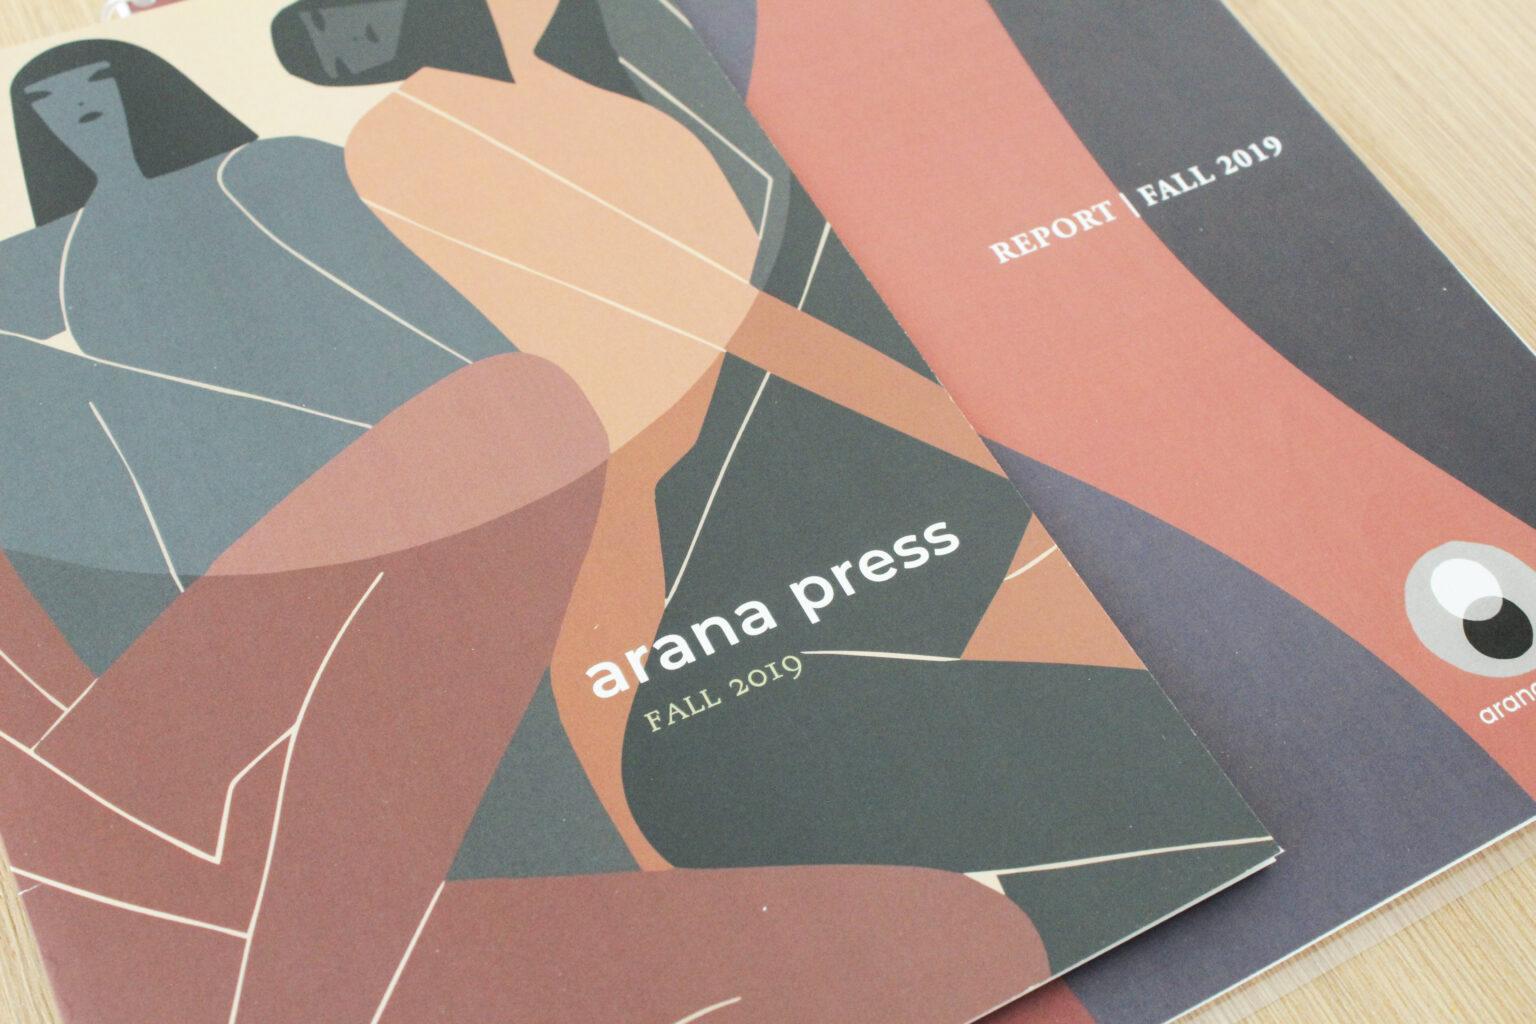 Arana Press project materials – front covers